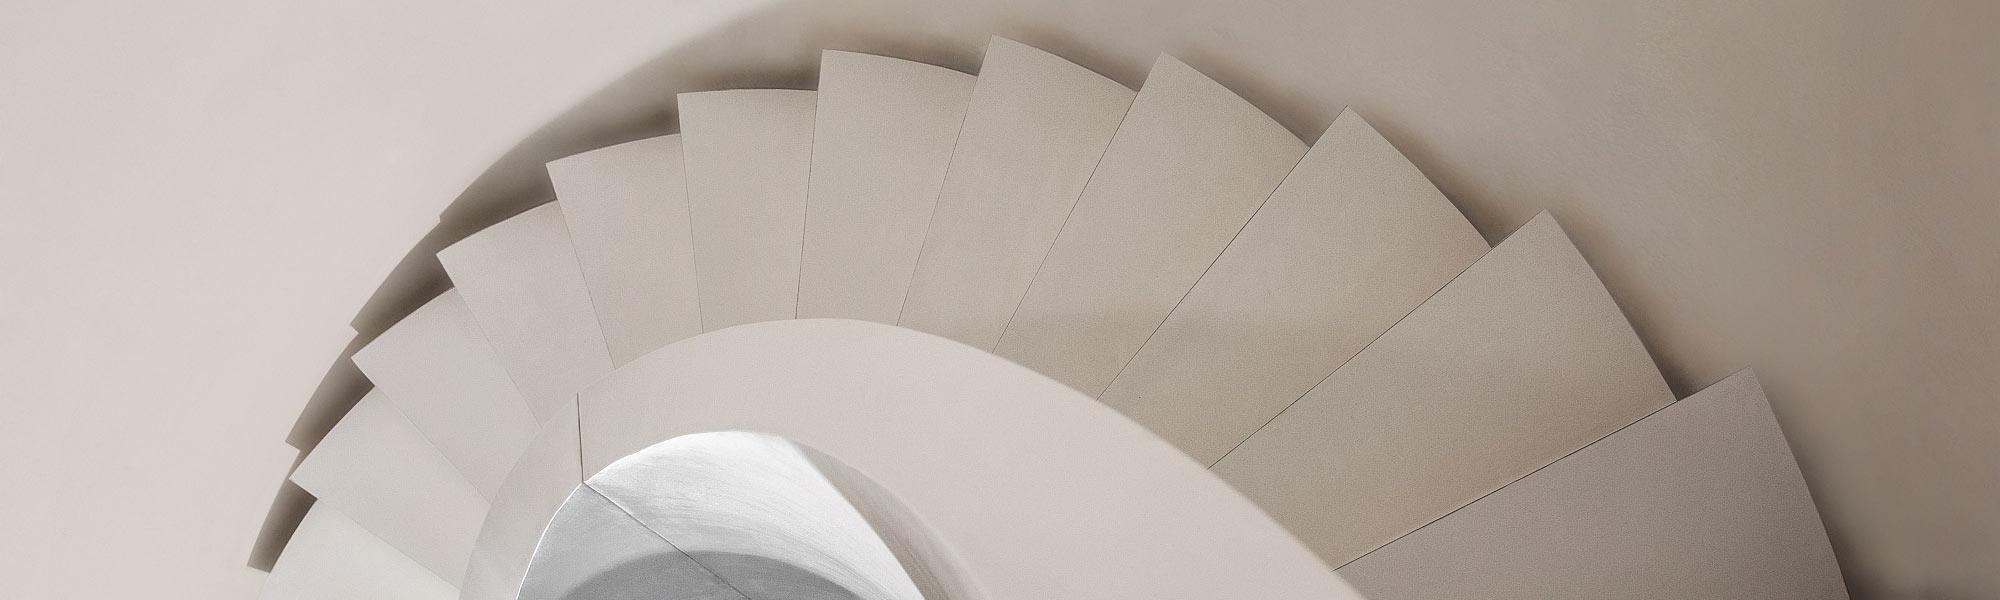 Treppenhaus-Gestaltung - FARB STUDIO Roland Brinkmann :: Der ...